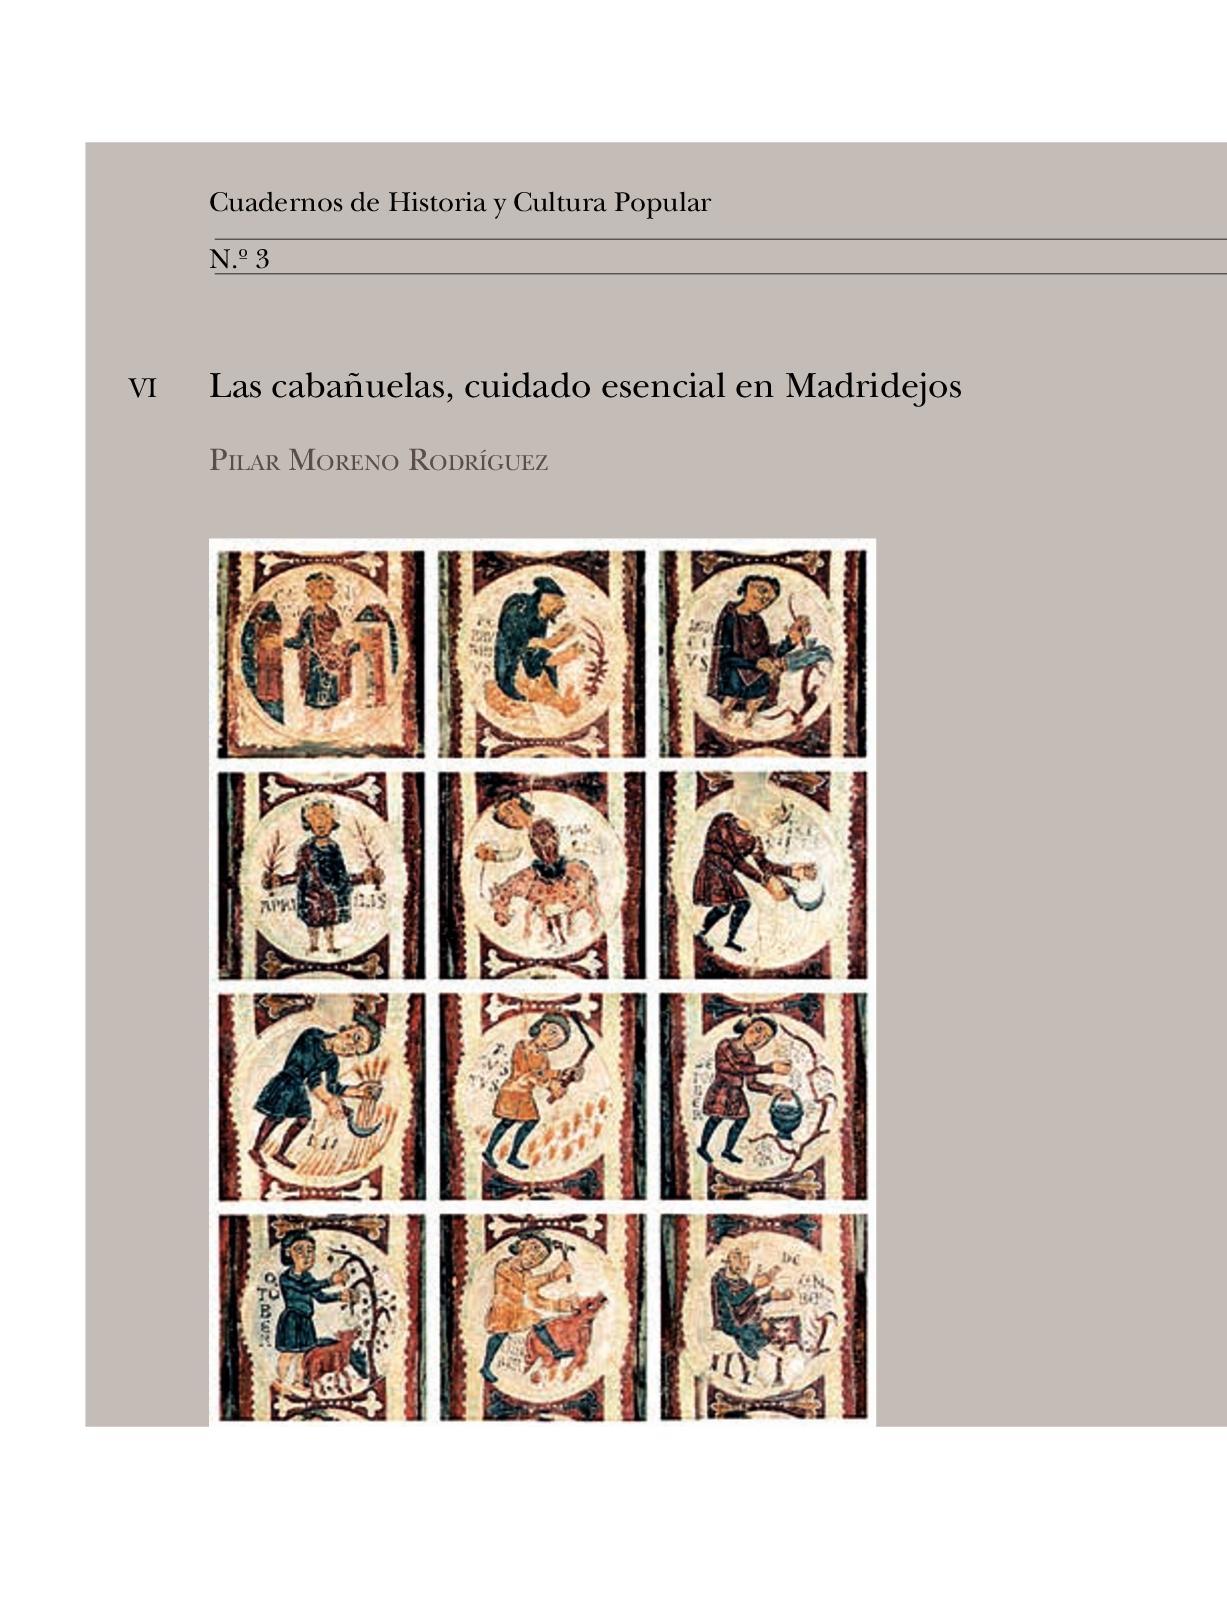 Calendario Cabanuelas.Calameo Las Cabanuelas Cuidado Esencial En Madridejos